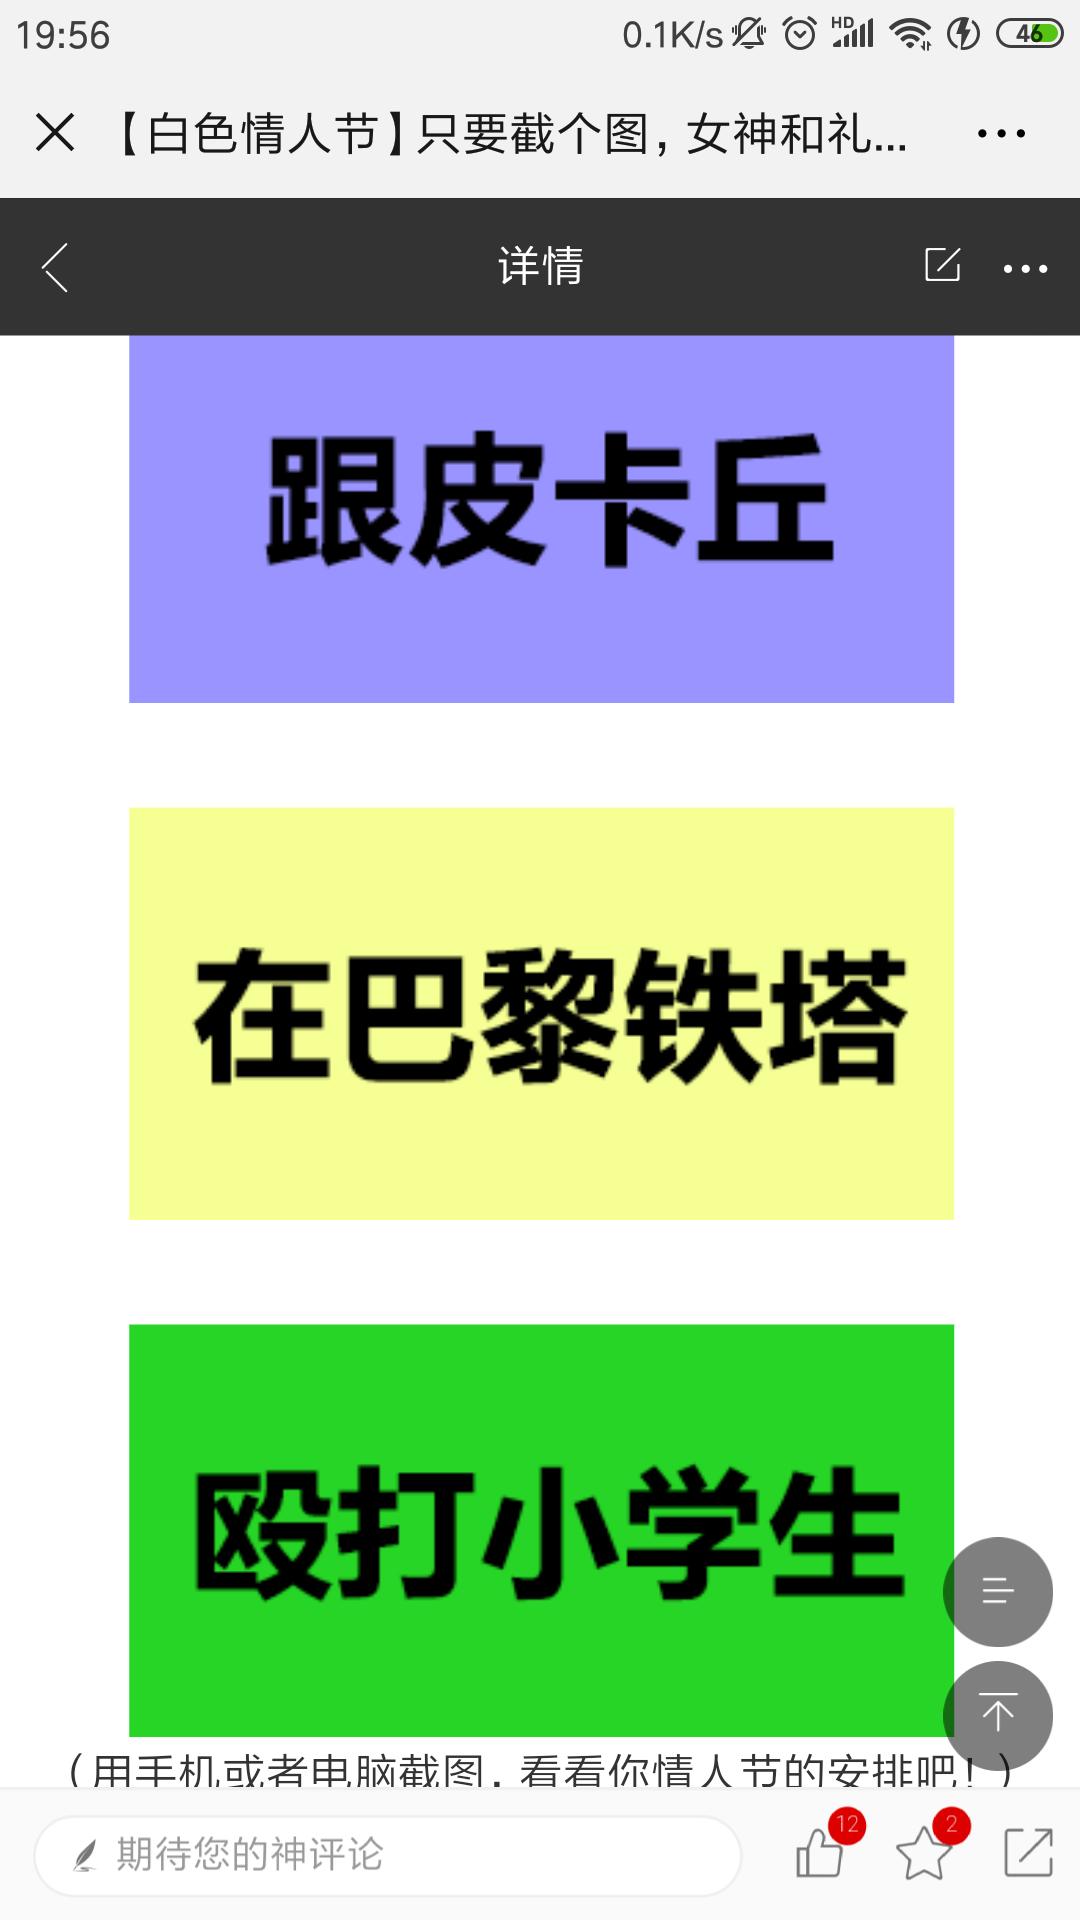 Screenshot_2019-03-13-19-56-30-870_com.tencent.mm.png